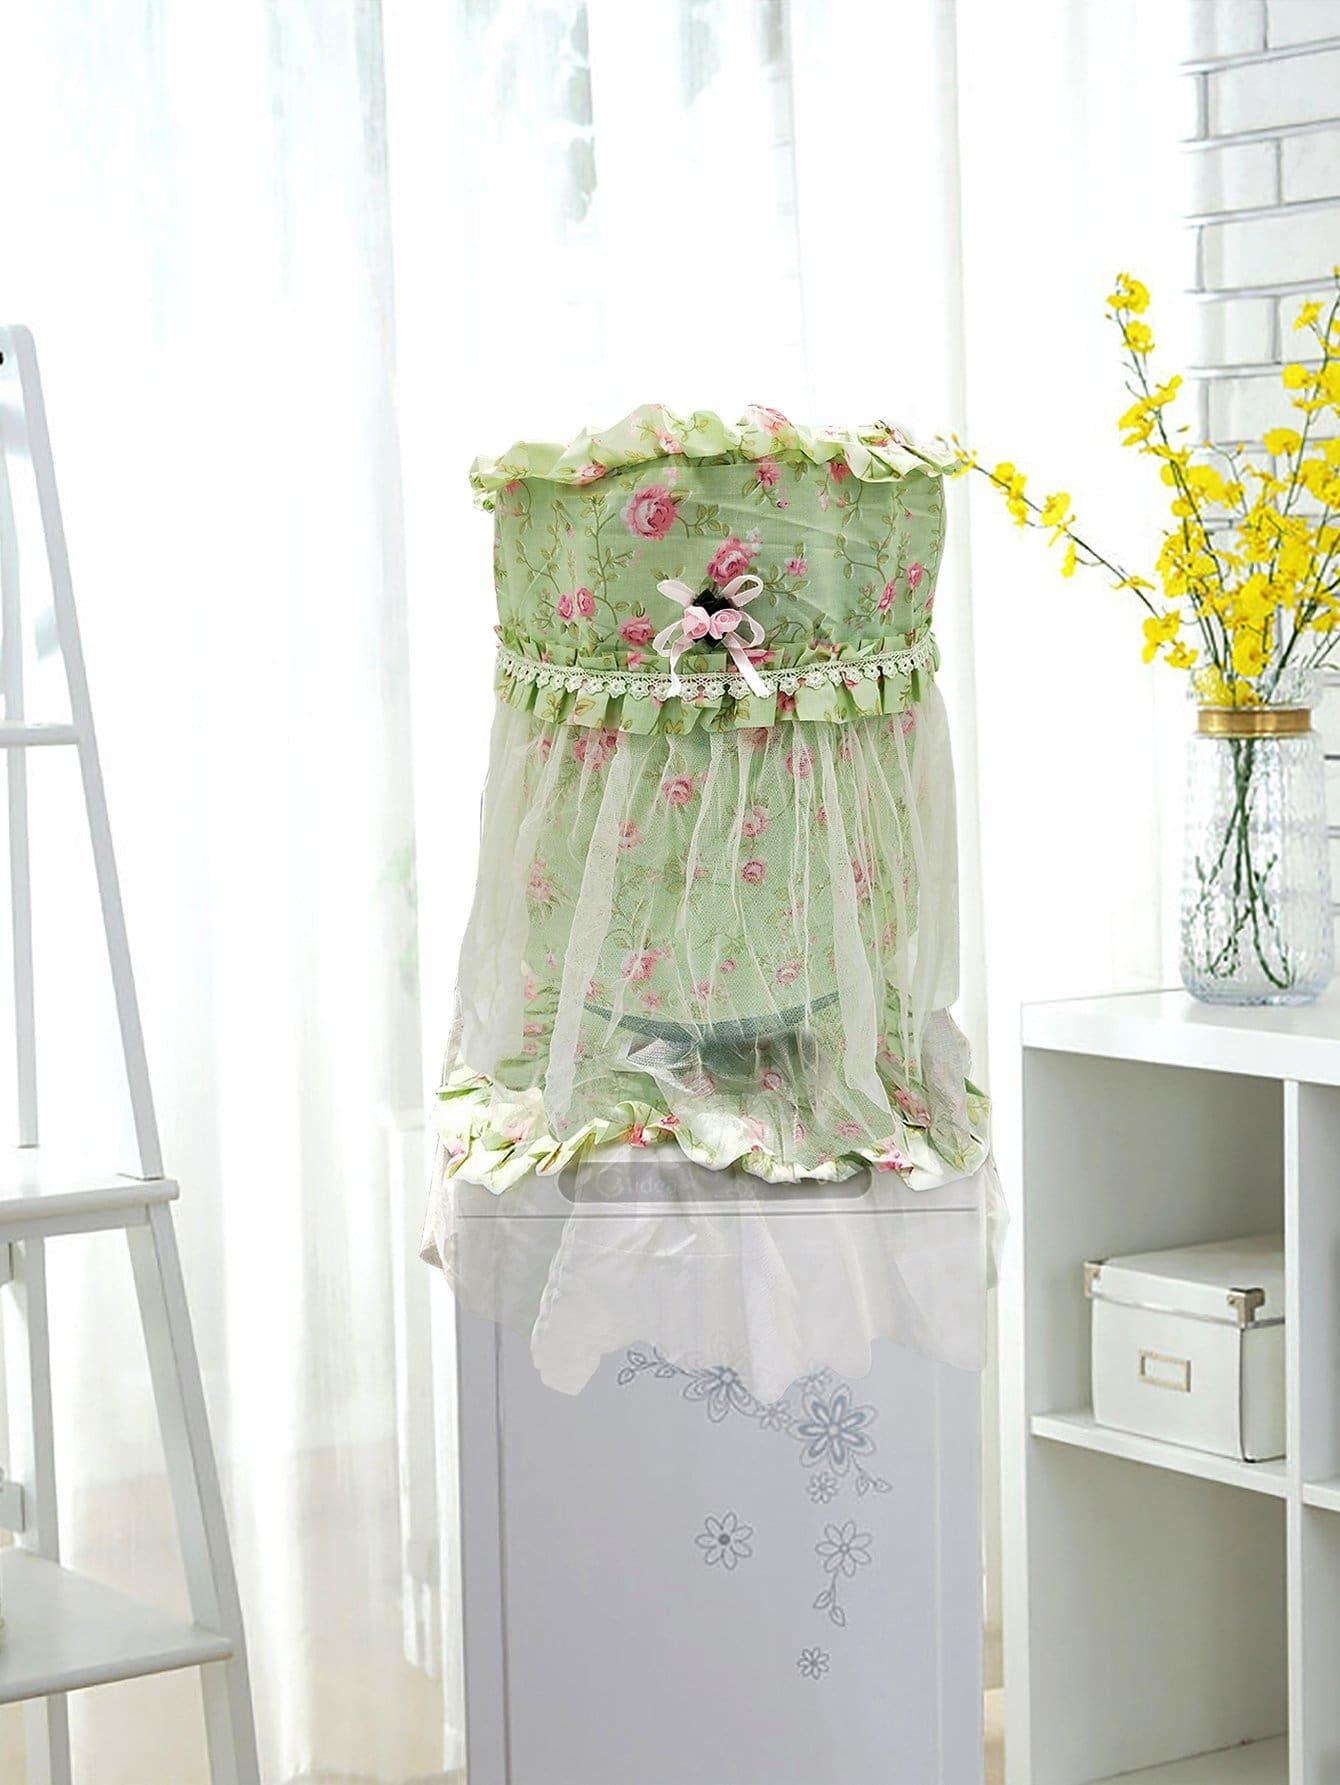 Купить Питьевая фонтанная крышка с принтом цветов, null, SheIn